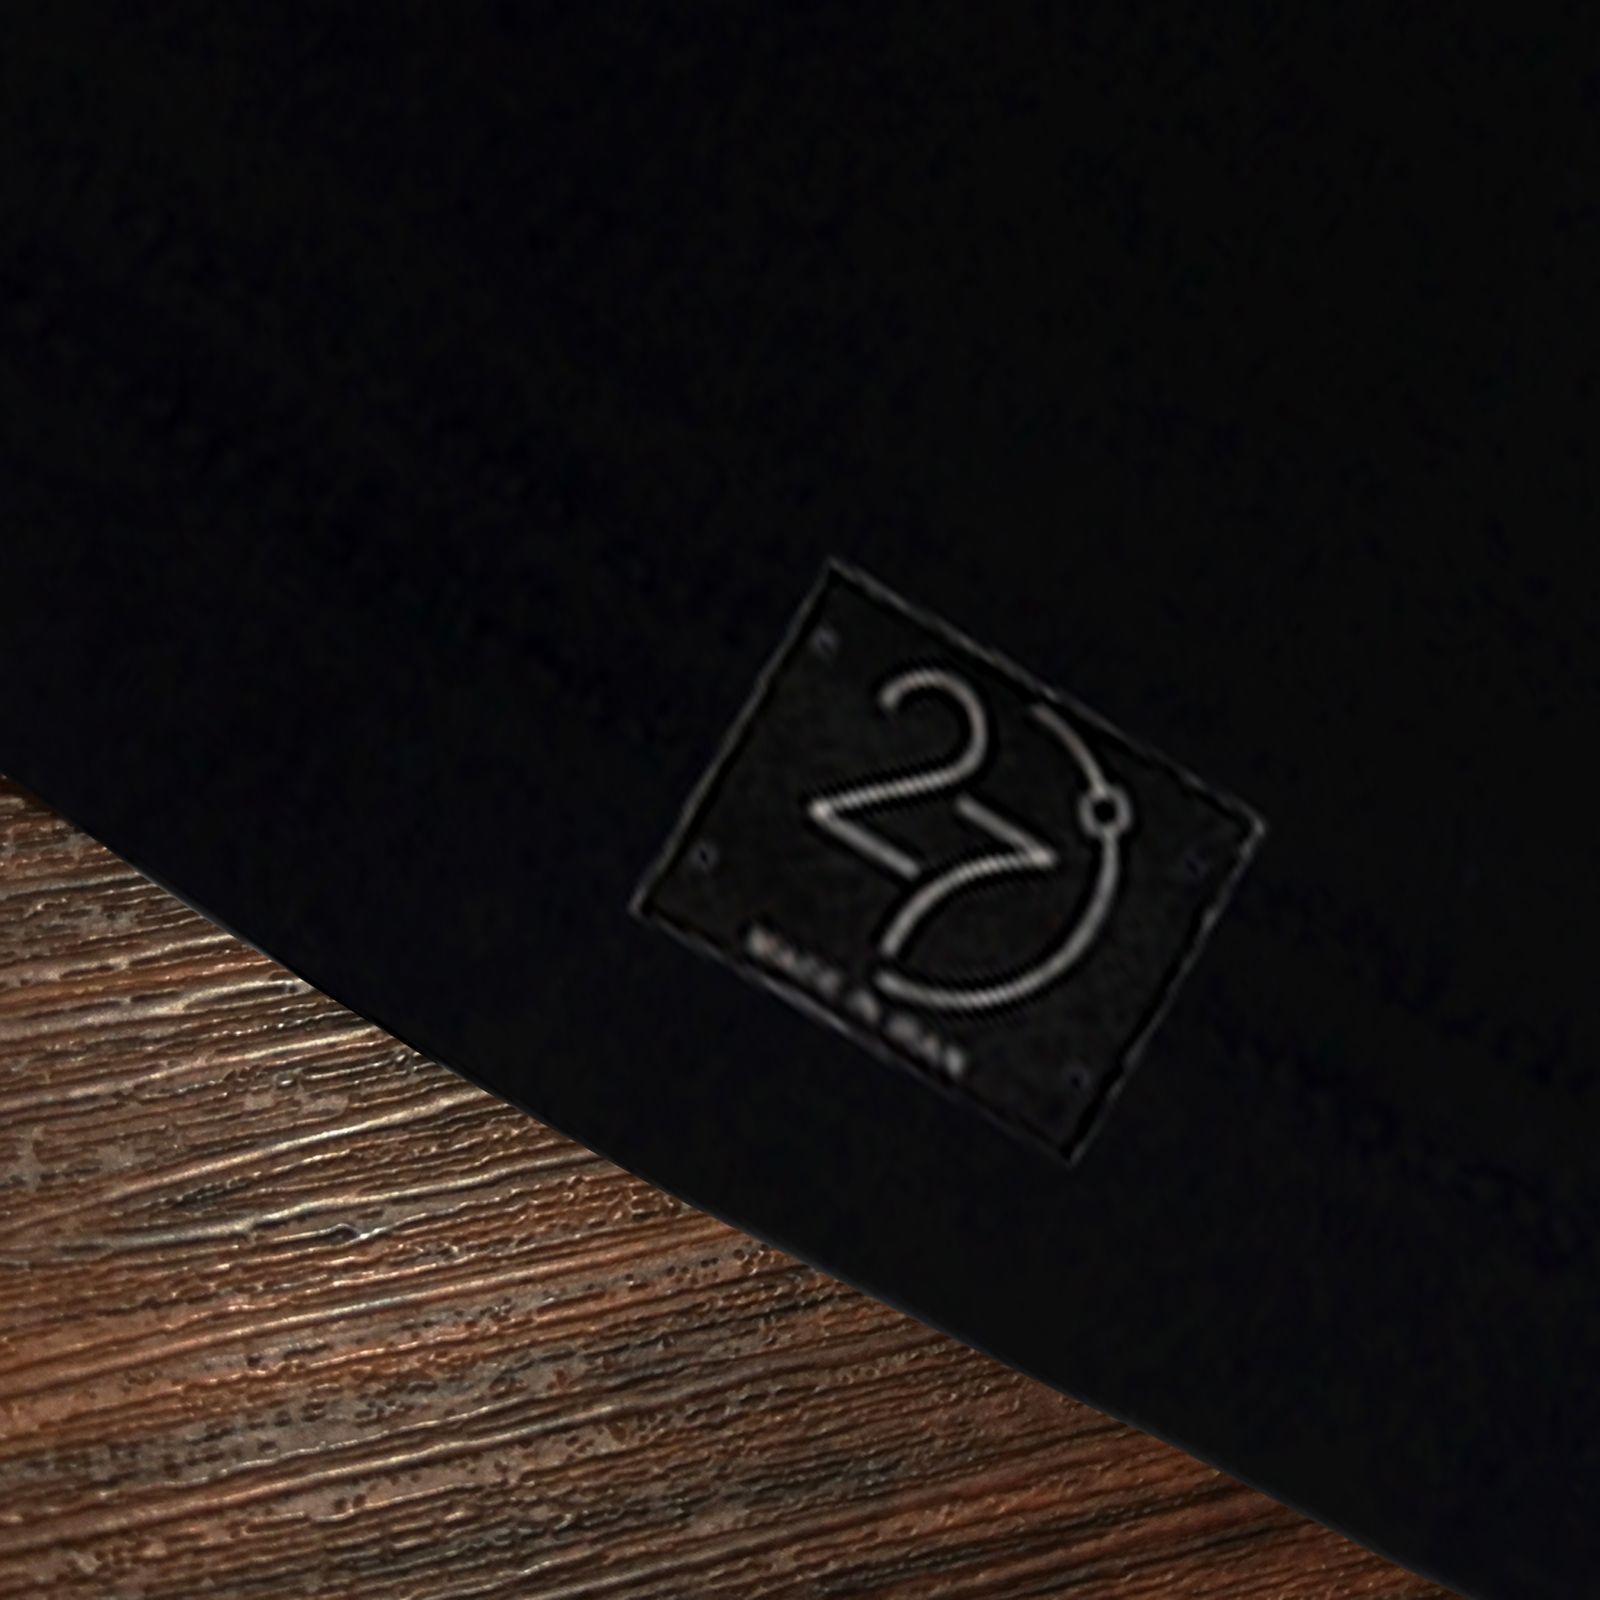 تی شرت زنانه 27 طرح  پر کد H04 رنگ مشکی -  - 4